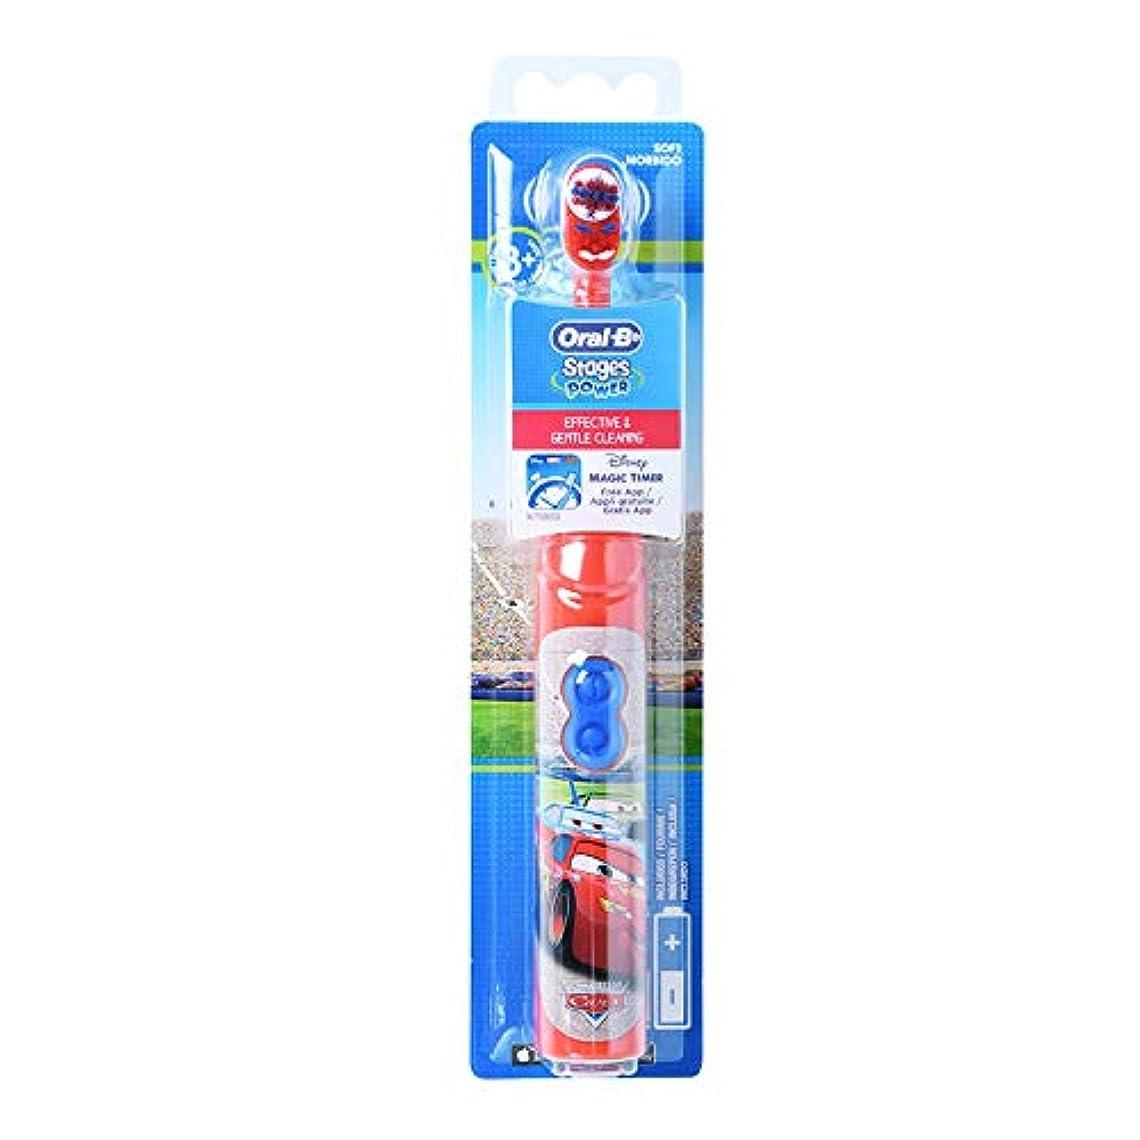 通行料金ボーナス十Oral-B DB3010 Stages Power Disney Car 電動歯ブラシ [並行輸入品]